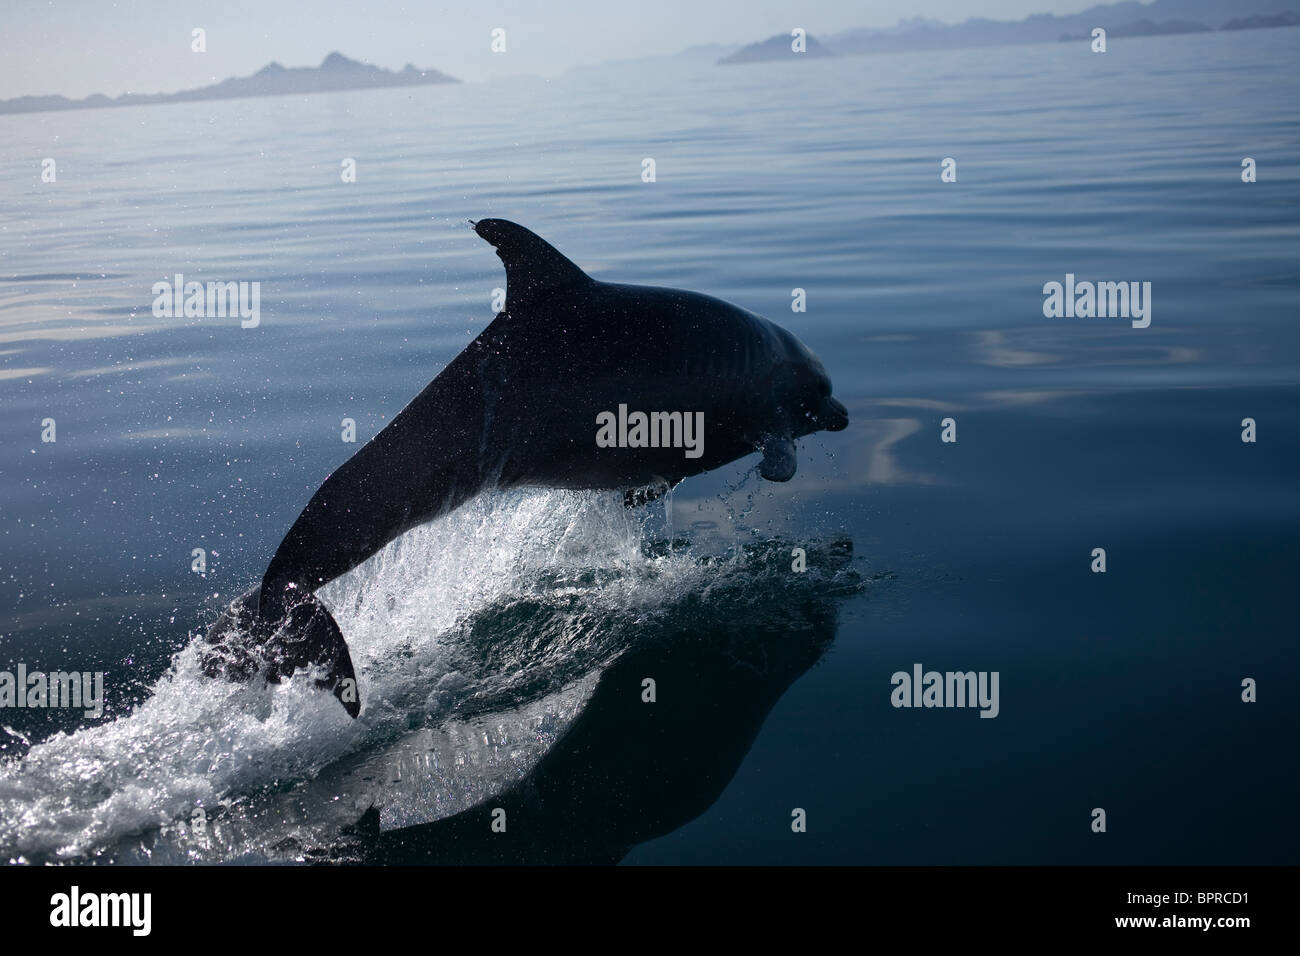 Un delfín salta en la bahía, cerca de la ciudad de Loreto en el mexicano estado de Baja California Sur Imagen De Stock